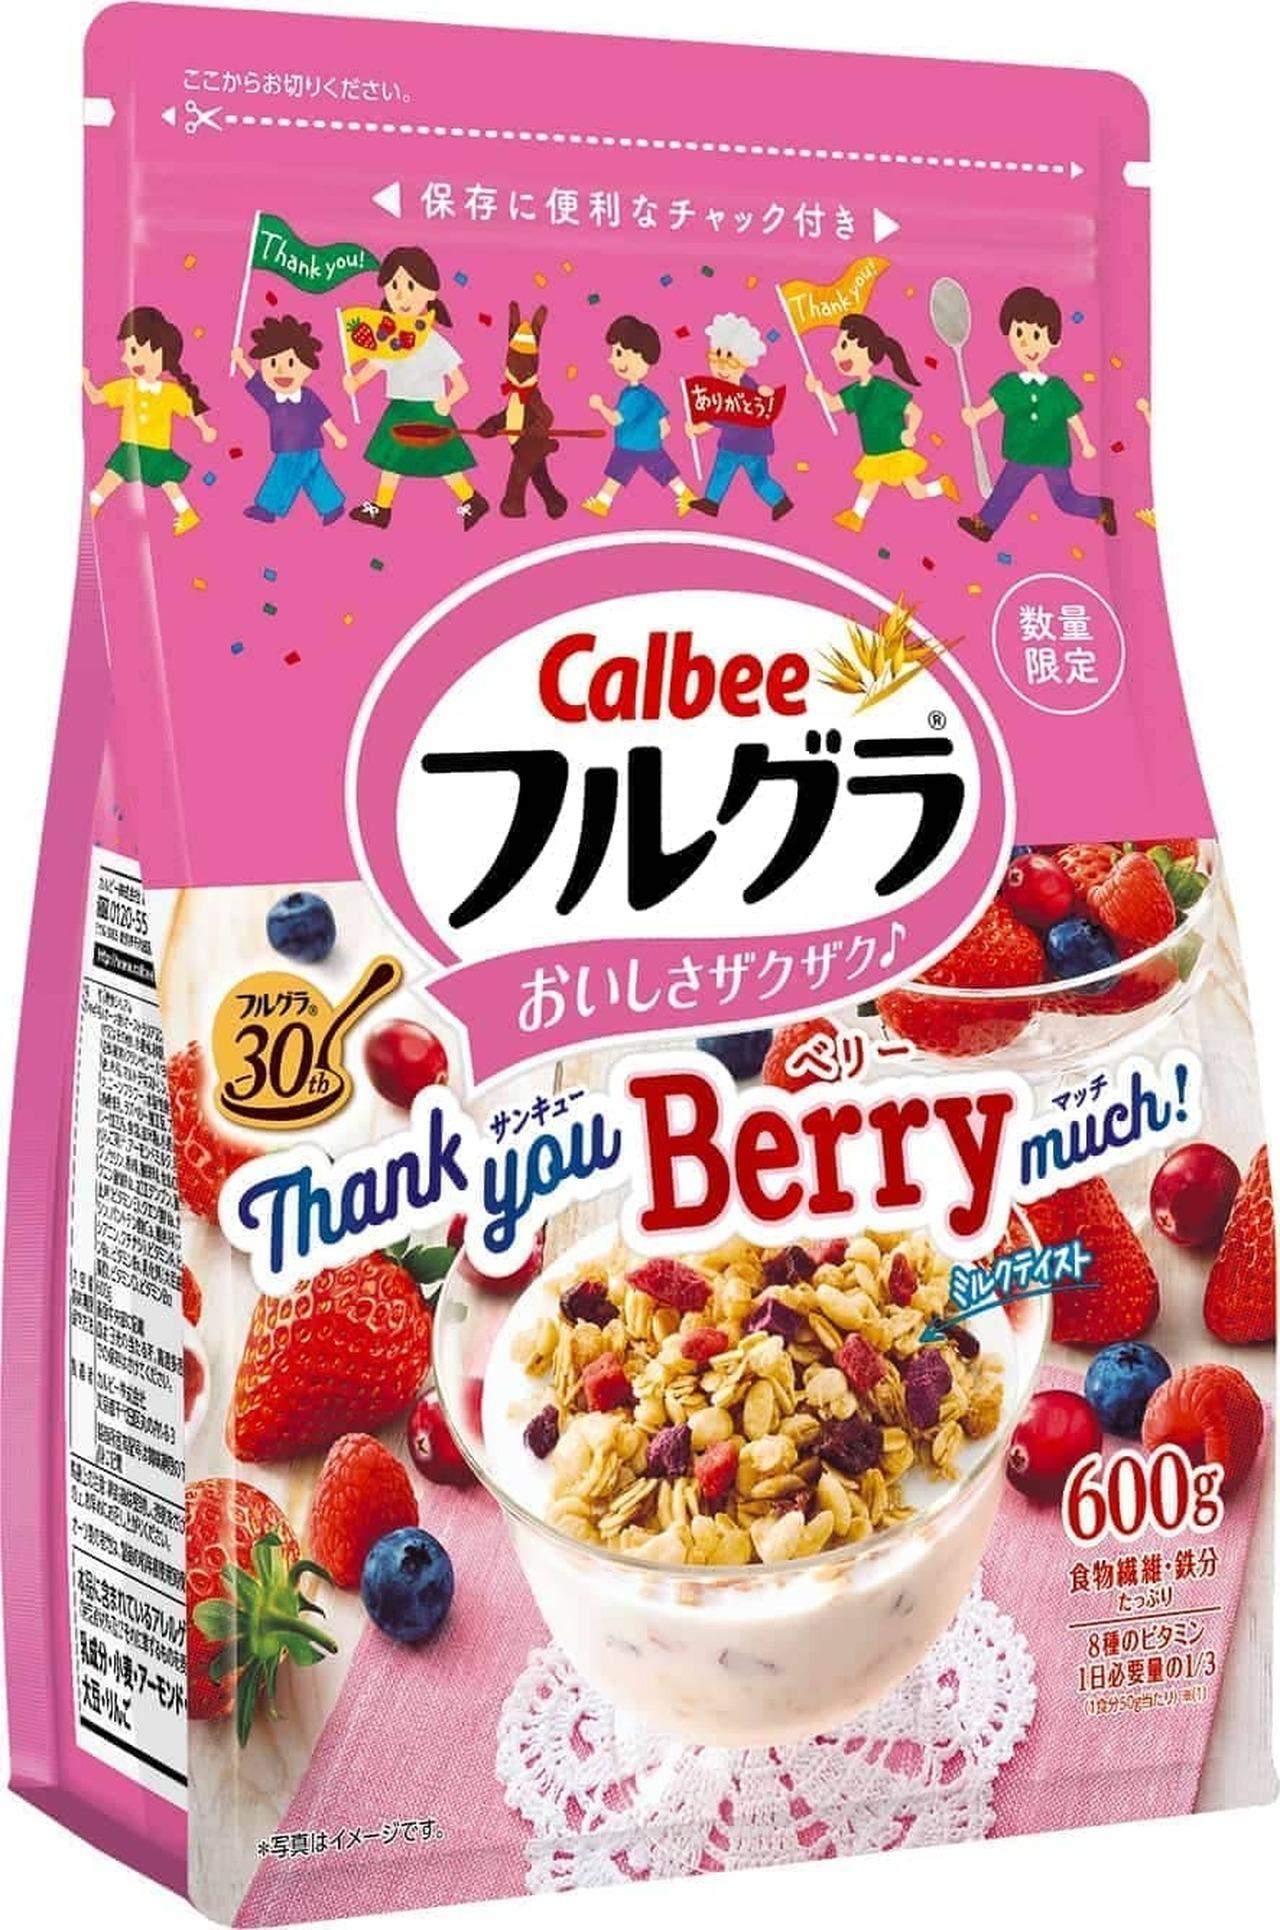 誕生30周年を記念「フルグラ Thank you Berry much(サンキューベリーマッチ)」